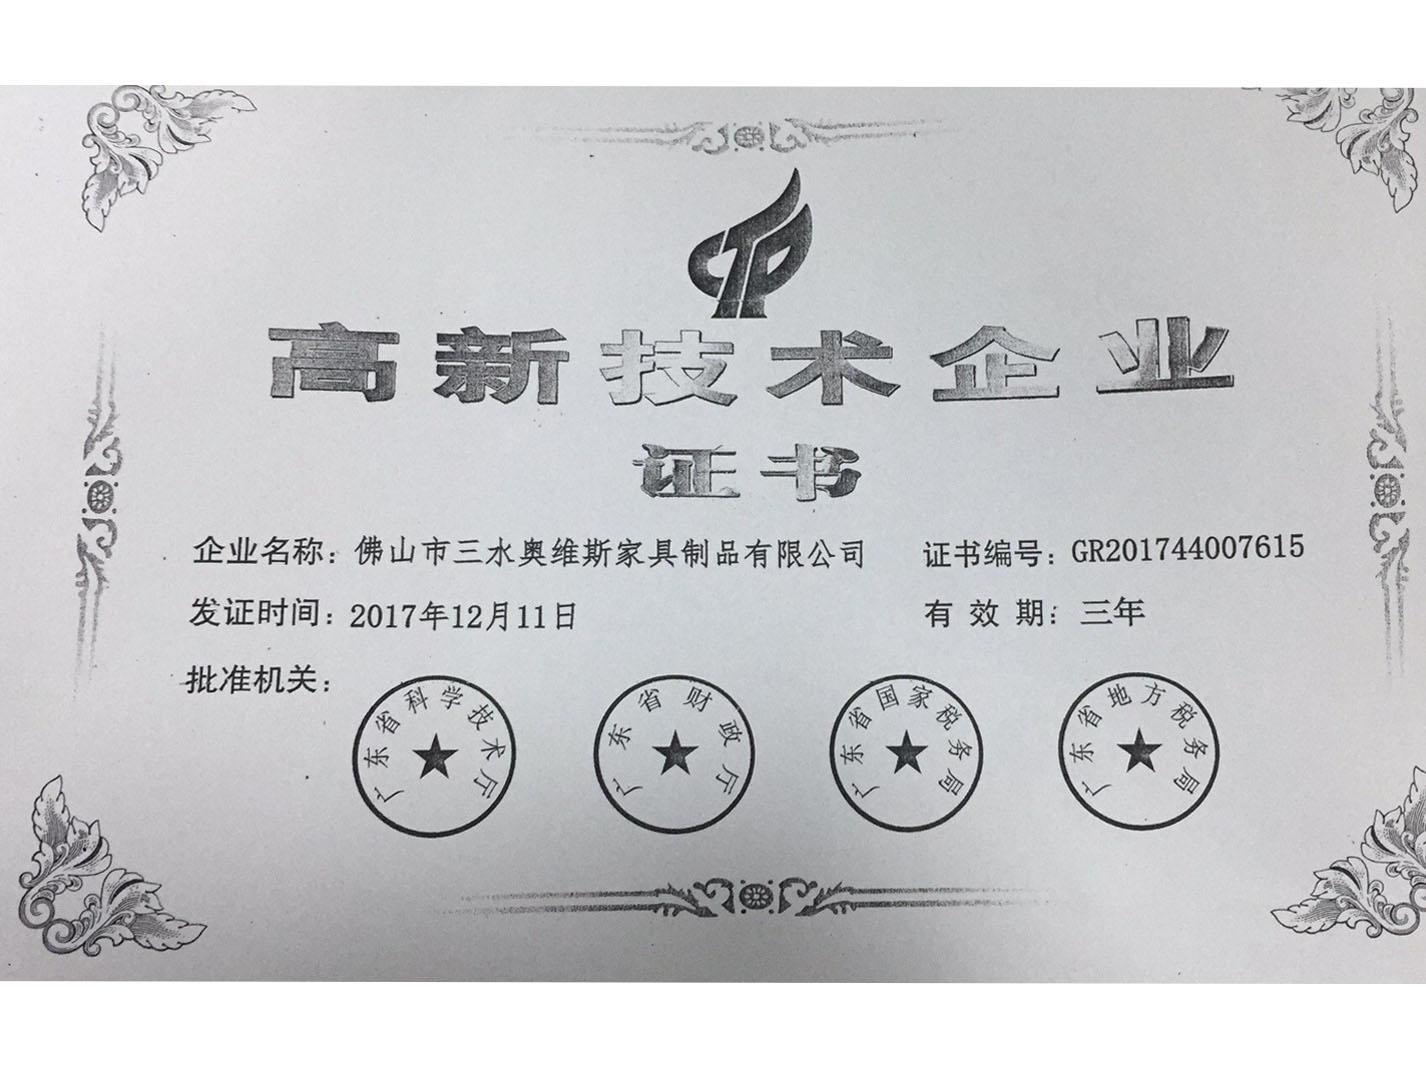 Best Outdoor Wicker Patio Furniture Business certificate